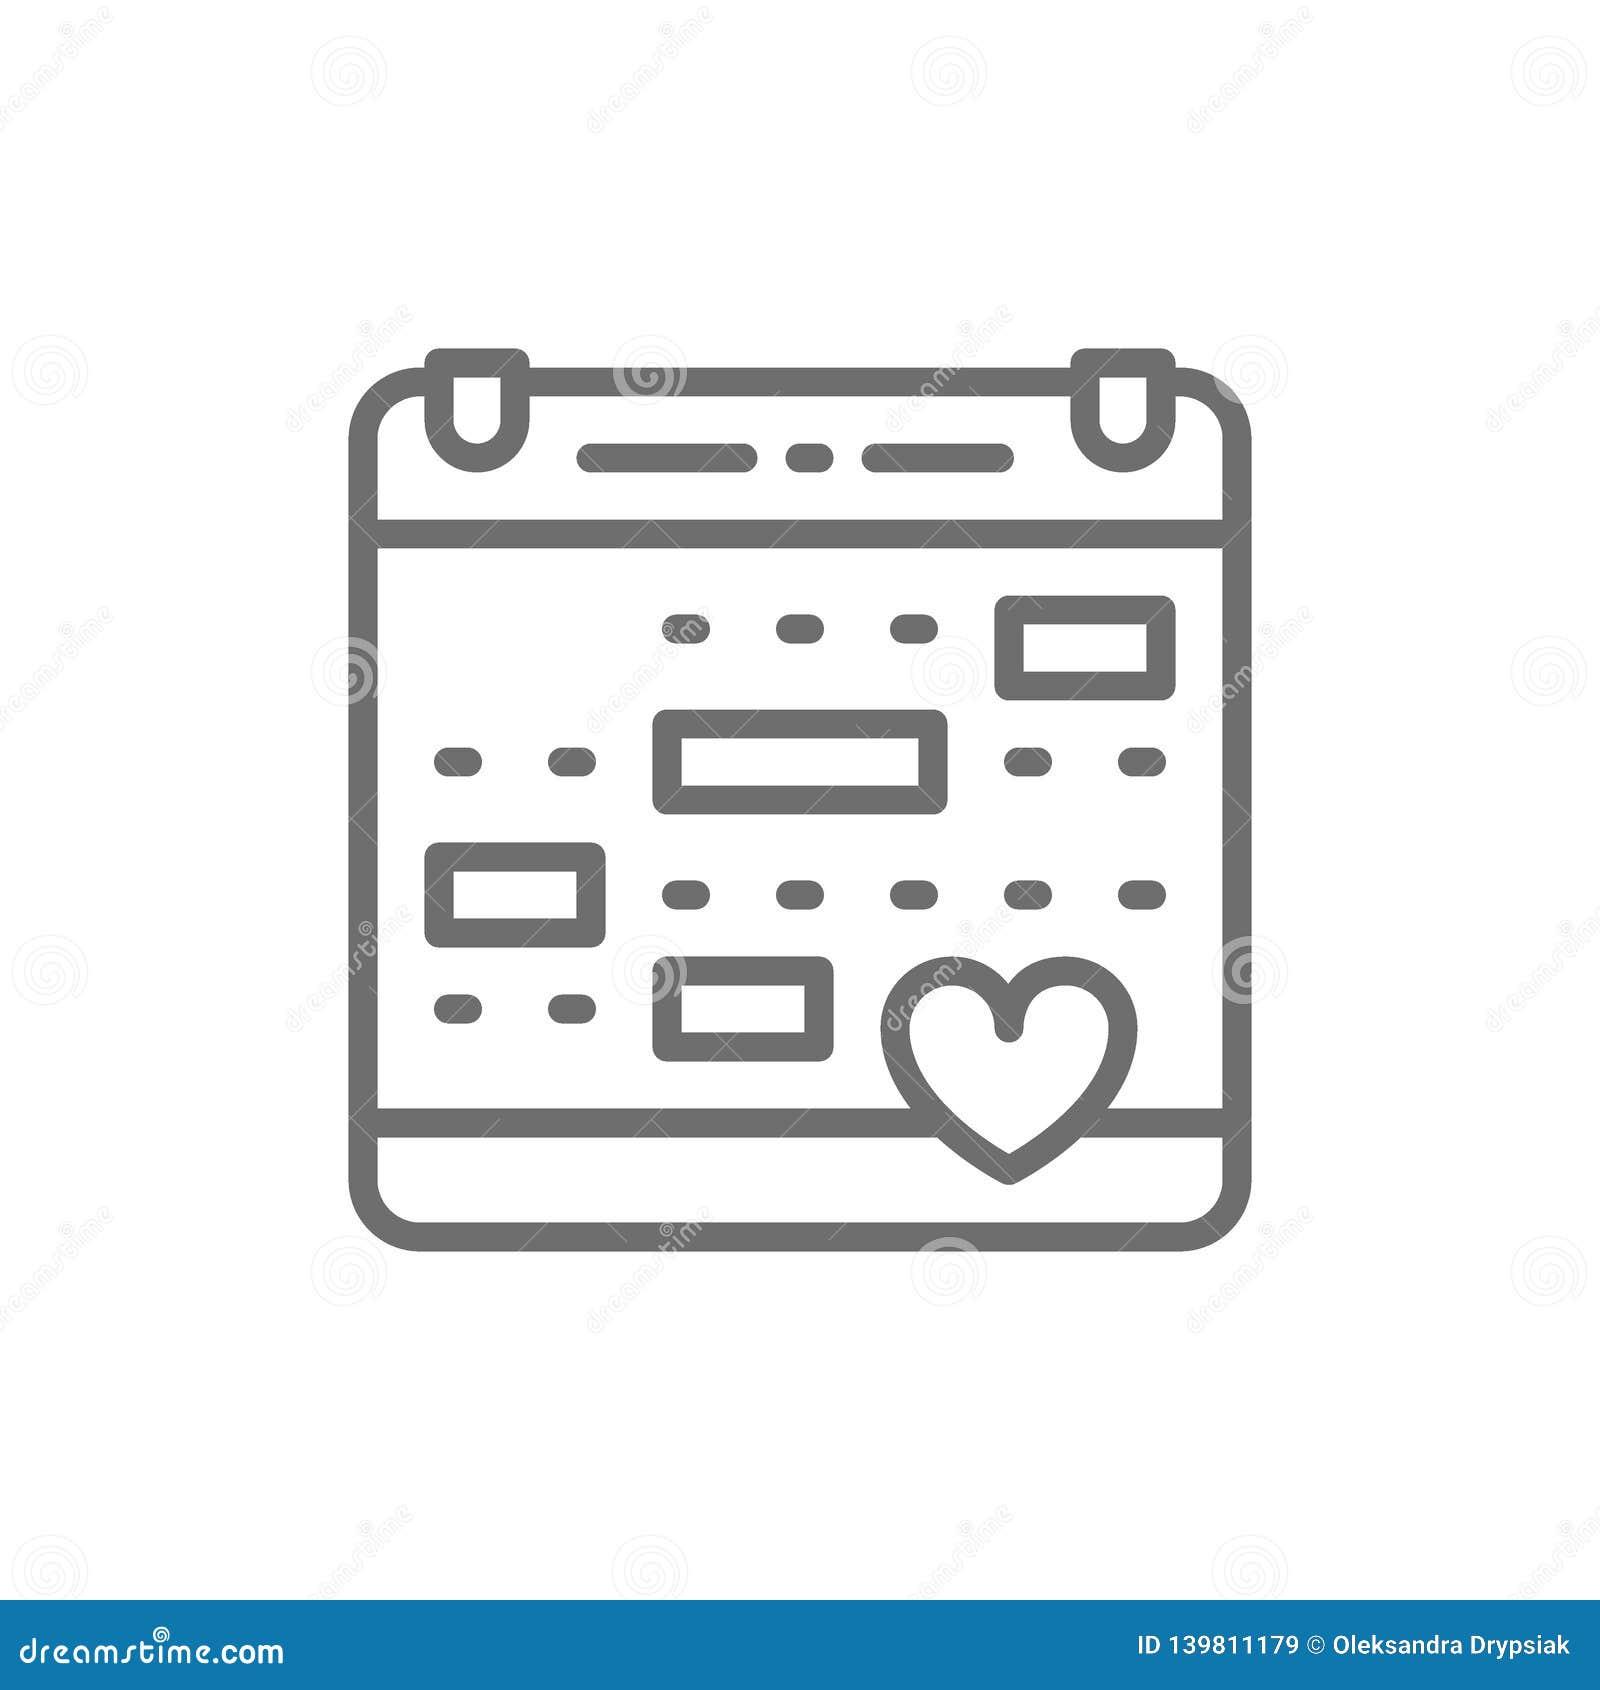 Ημερολόγιο αγάπης, γαμήλια ημερομηνία, εικονίδιο γραμμών ημέρας βαλεντίνων